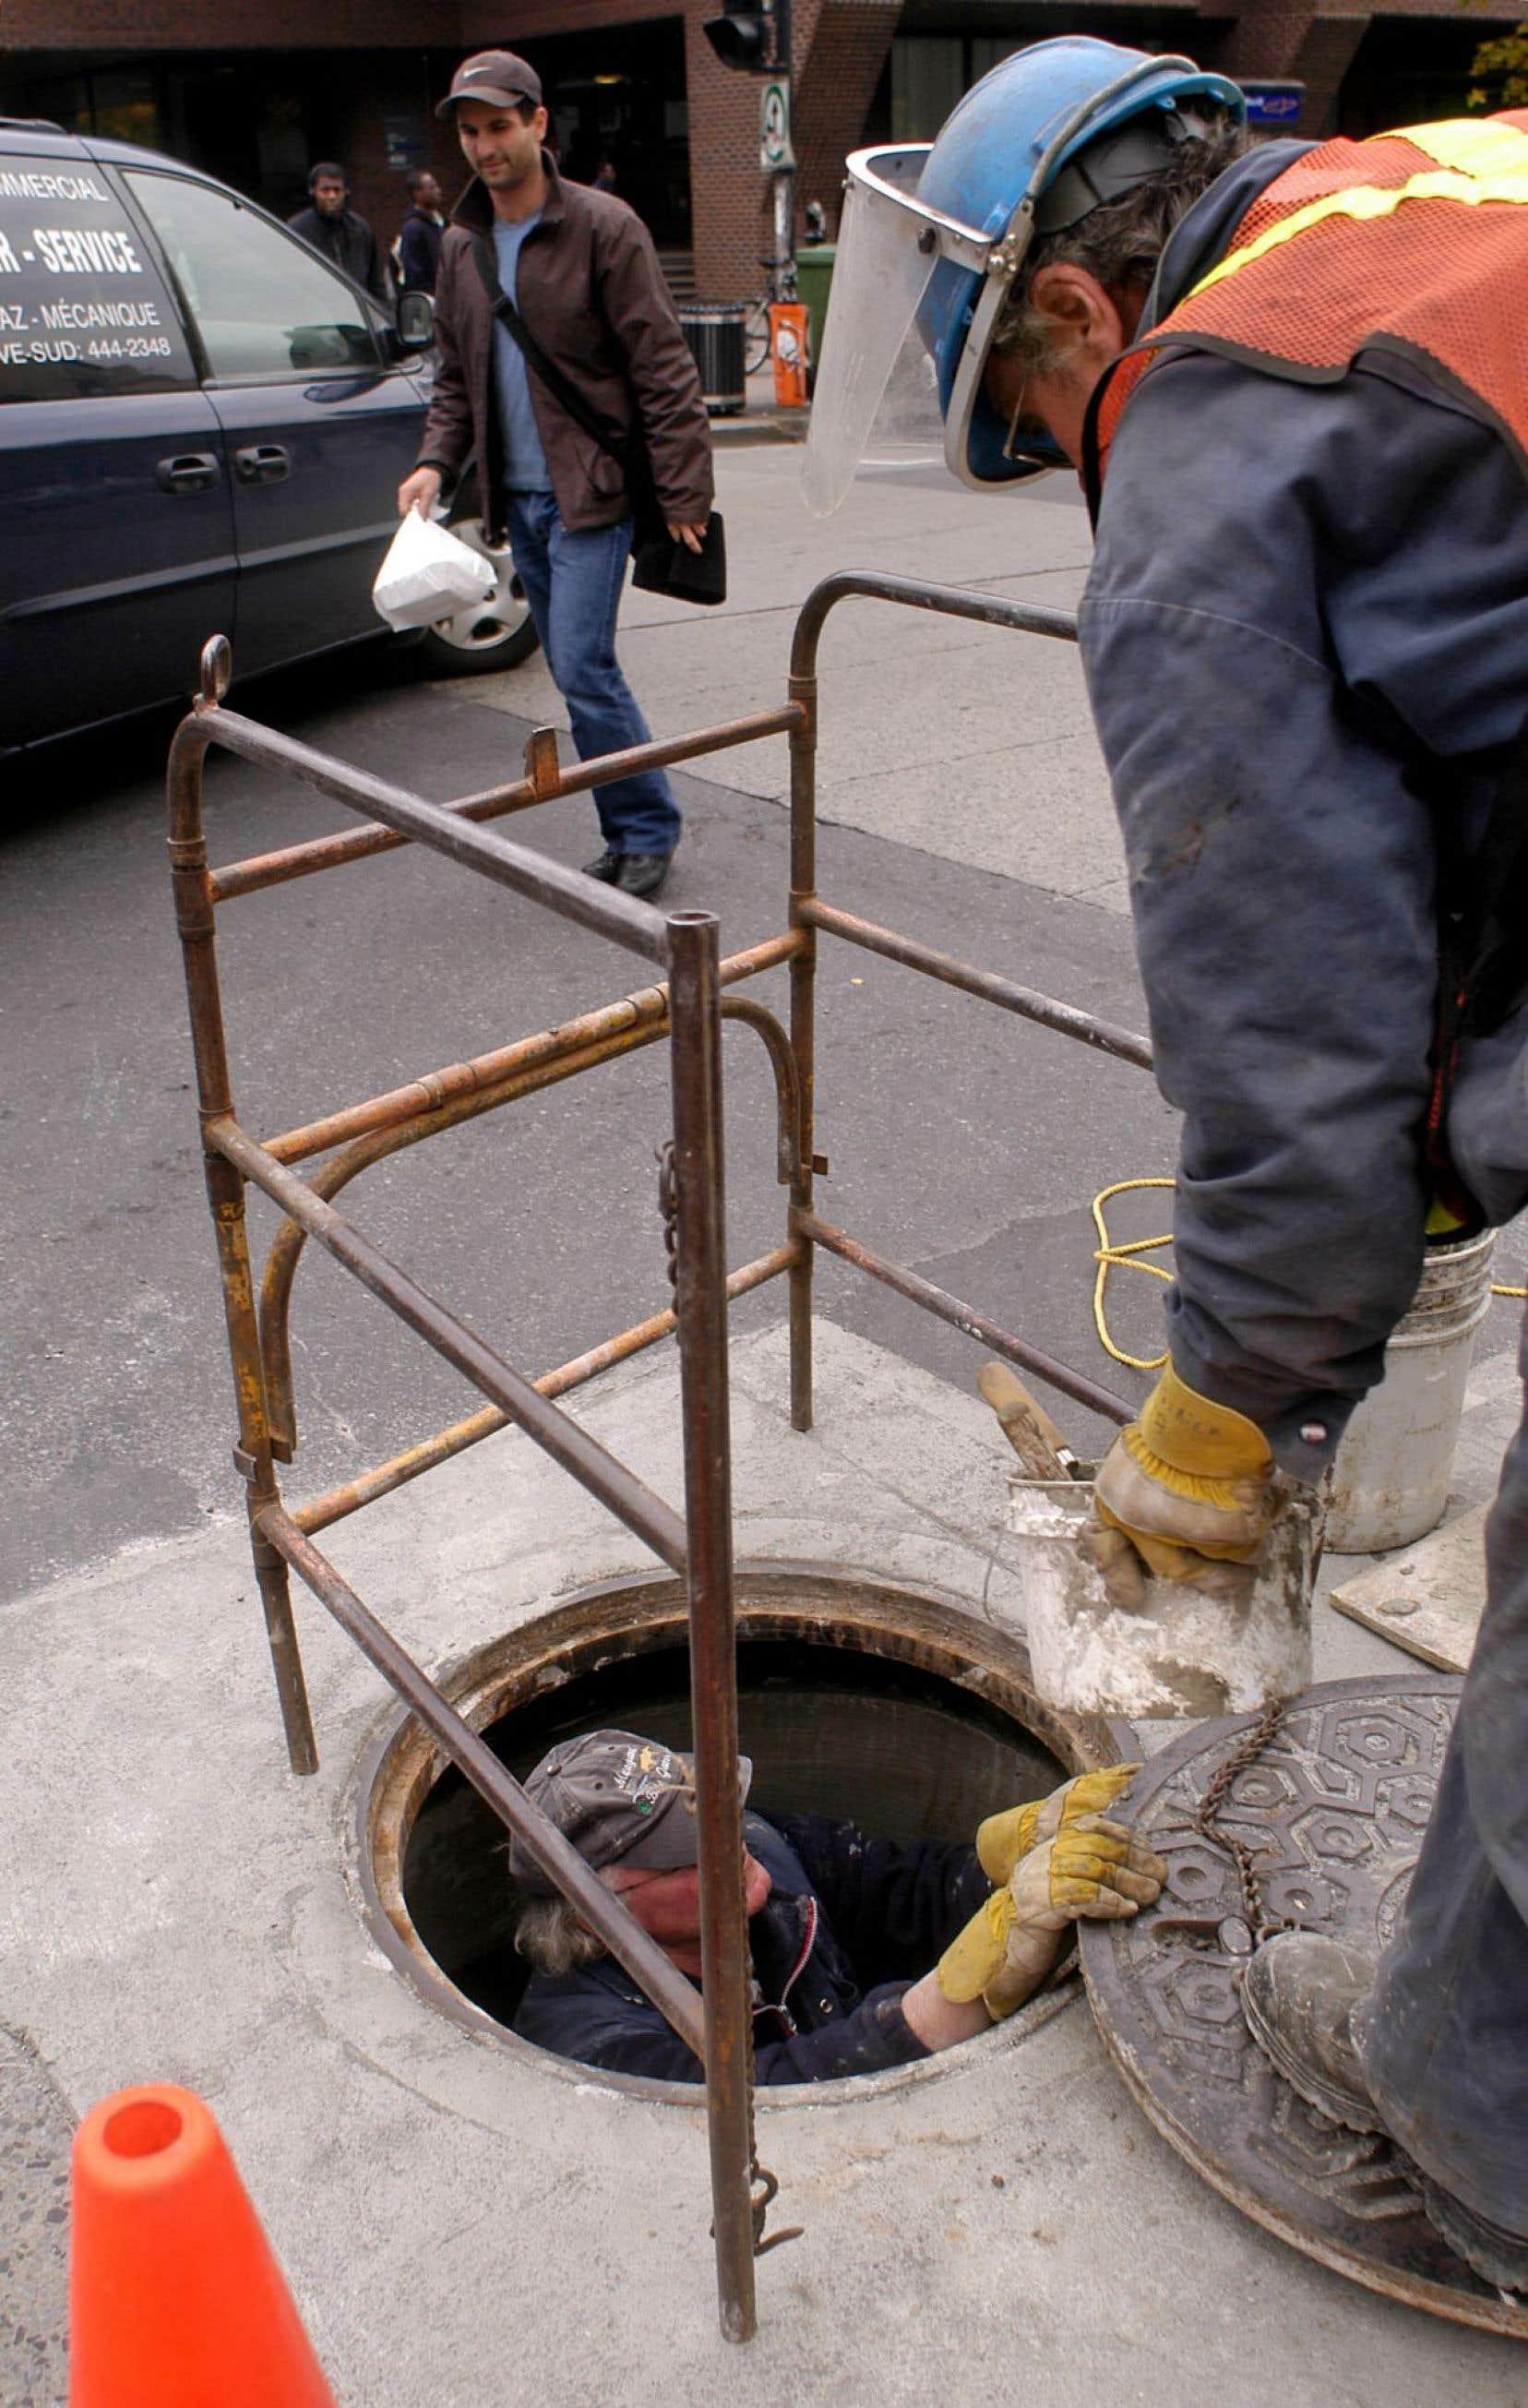 La Ville avait octroyé à la firme un contrat pour la gestion du chantier de réfection des égouts.